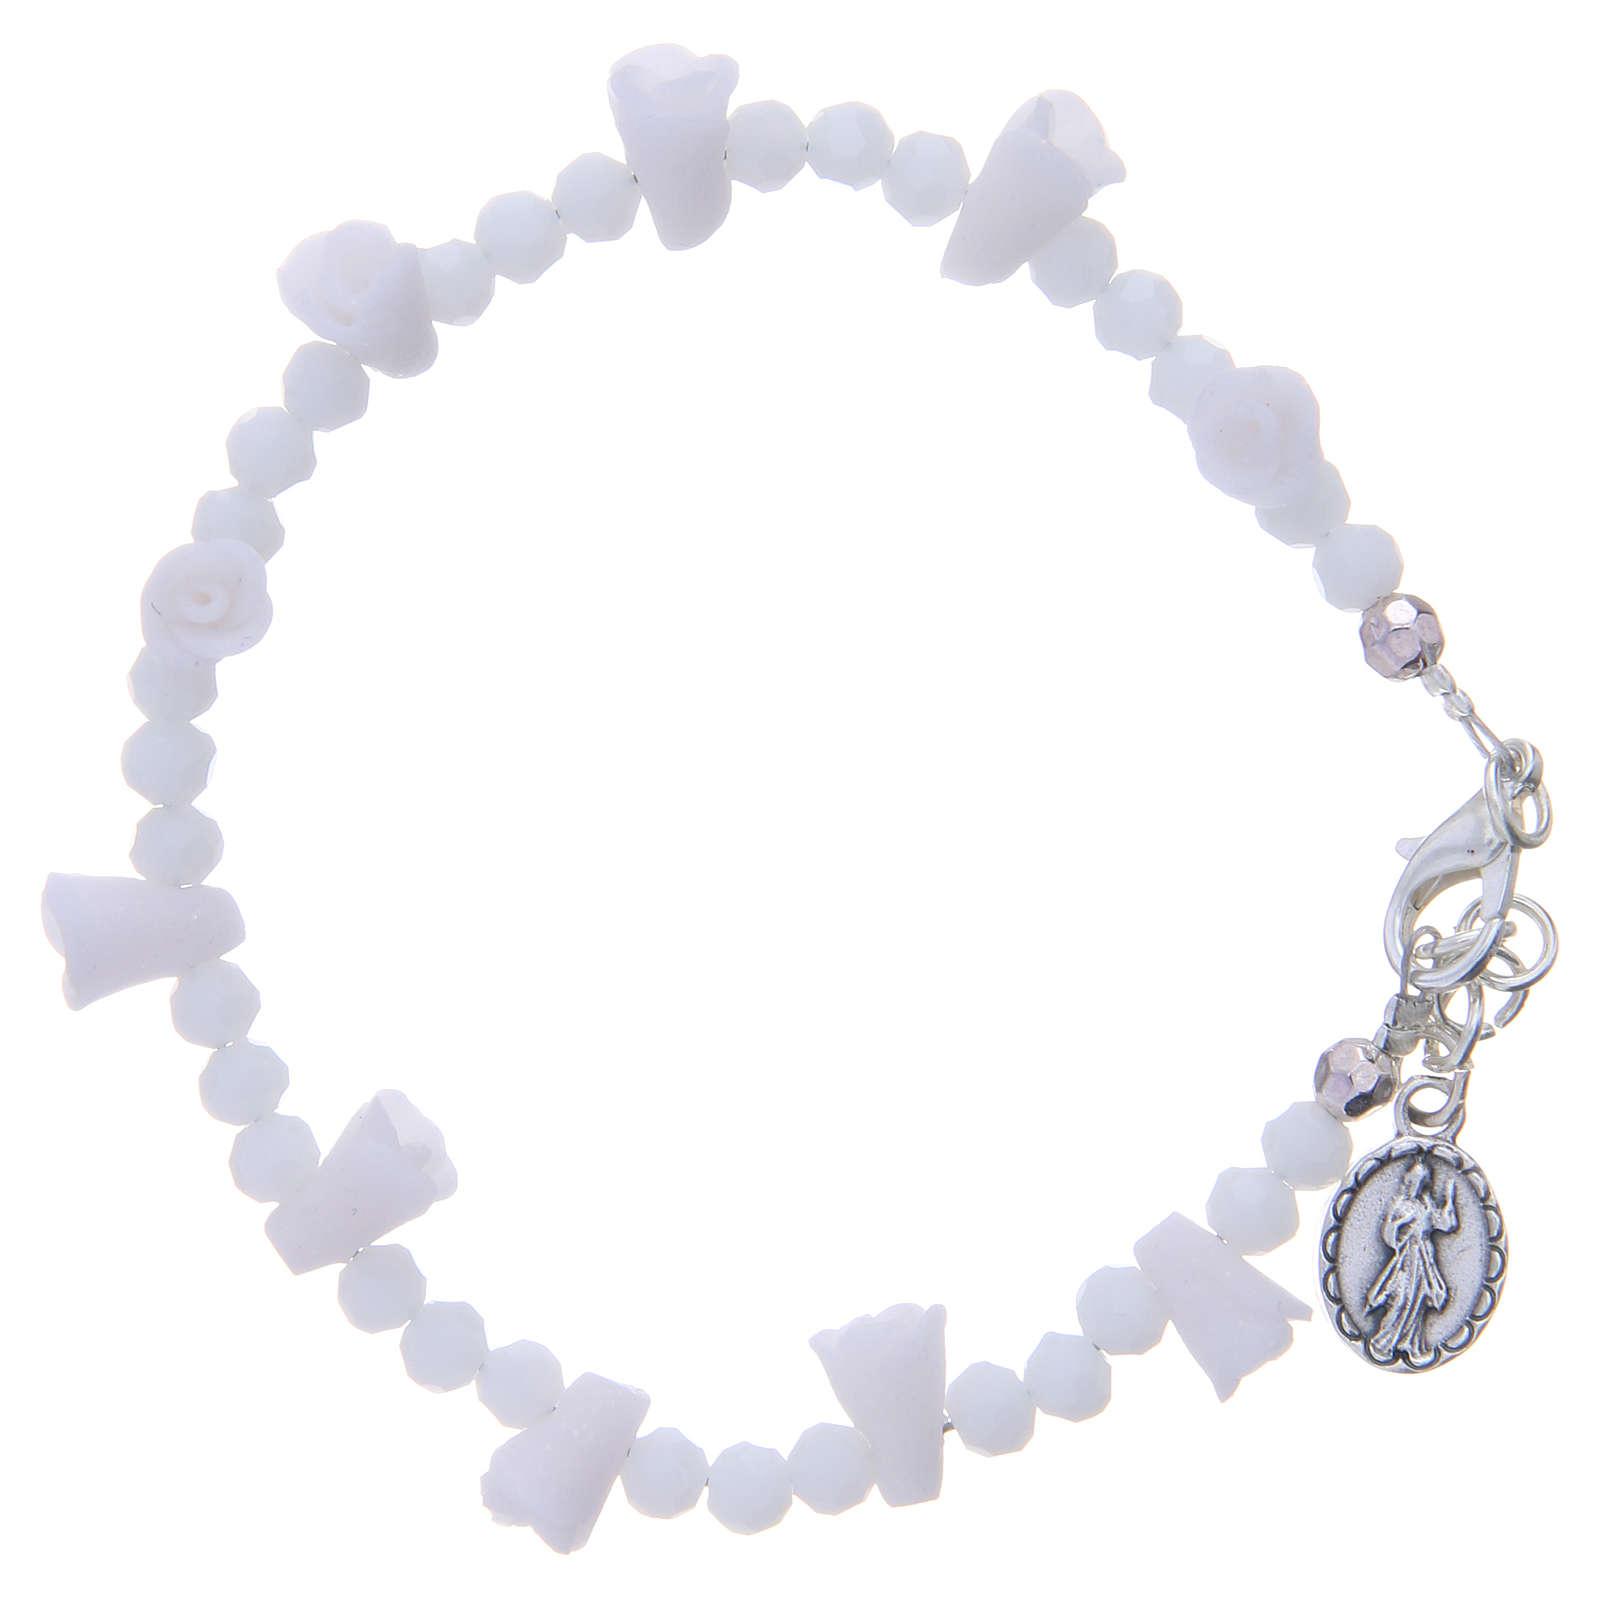 Bracciale Medjugorje bianco icona Madonna 4